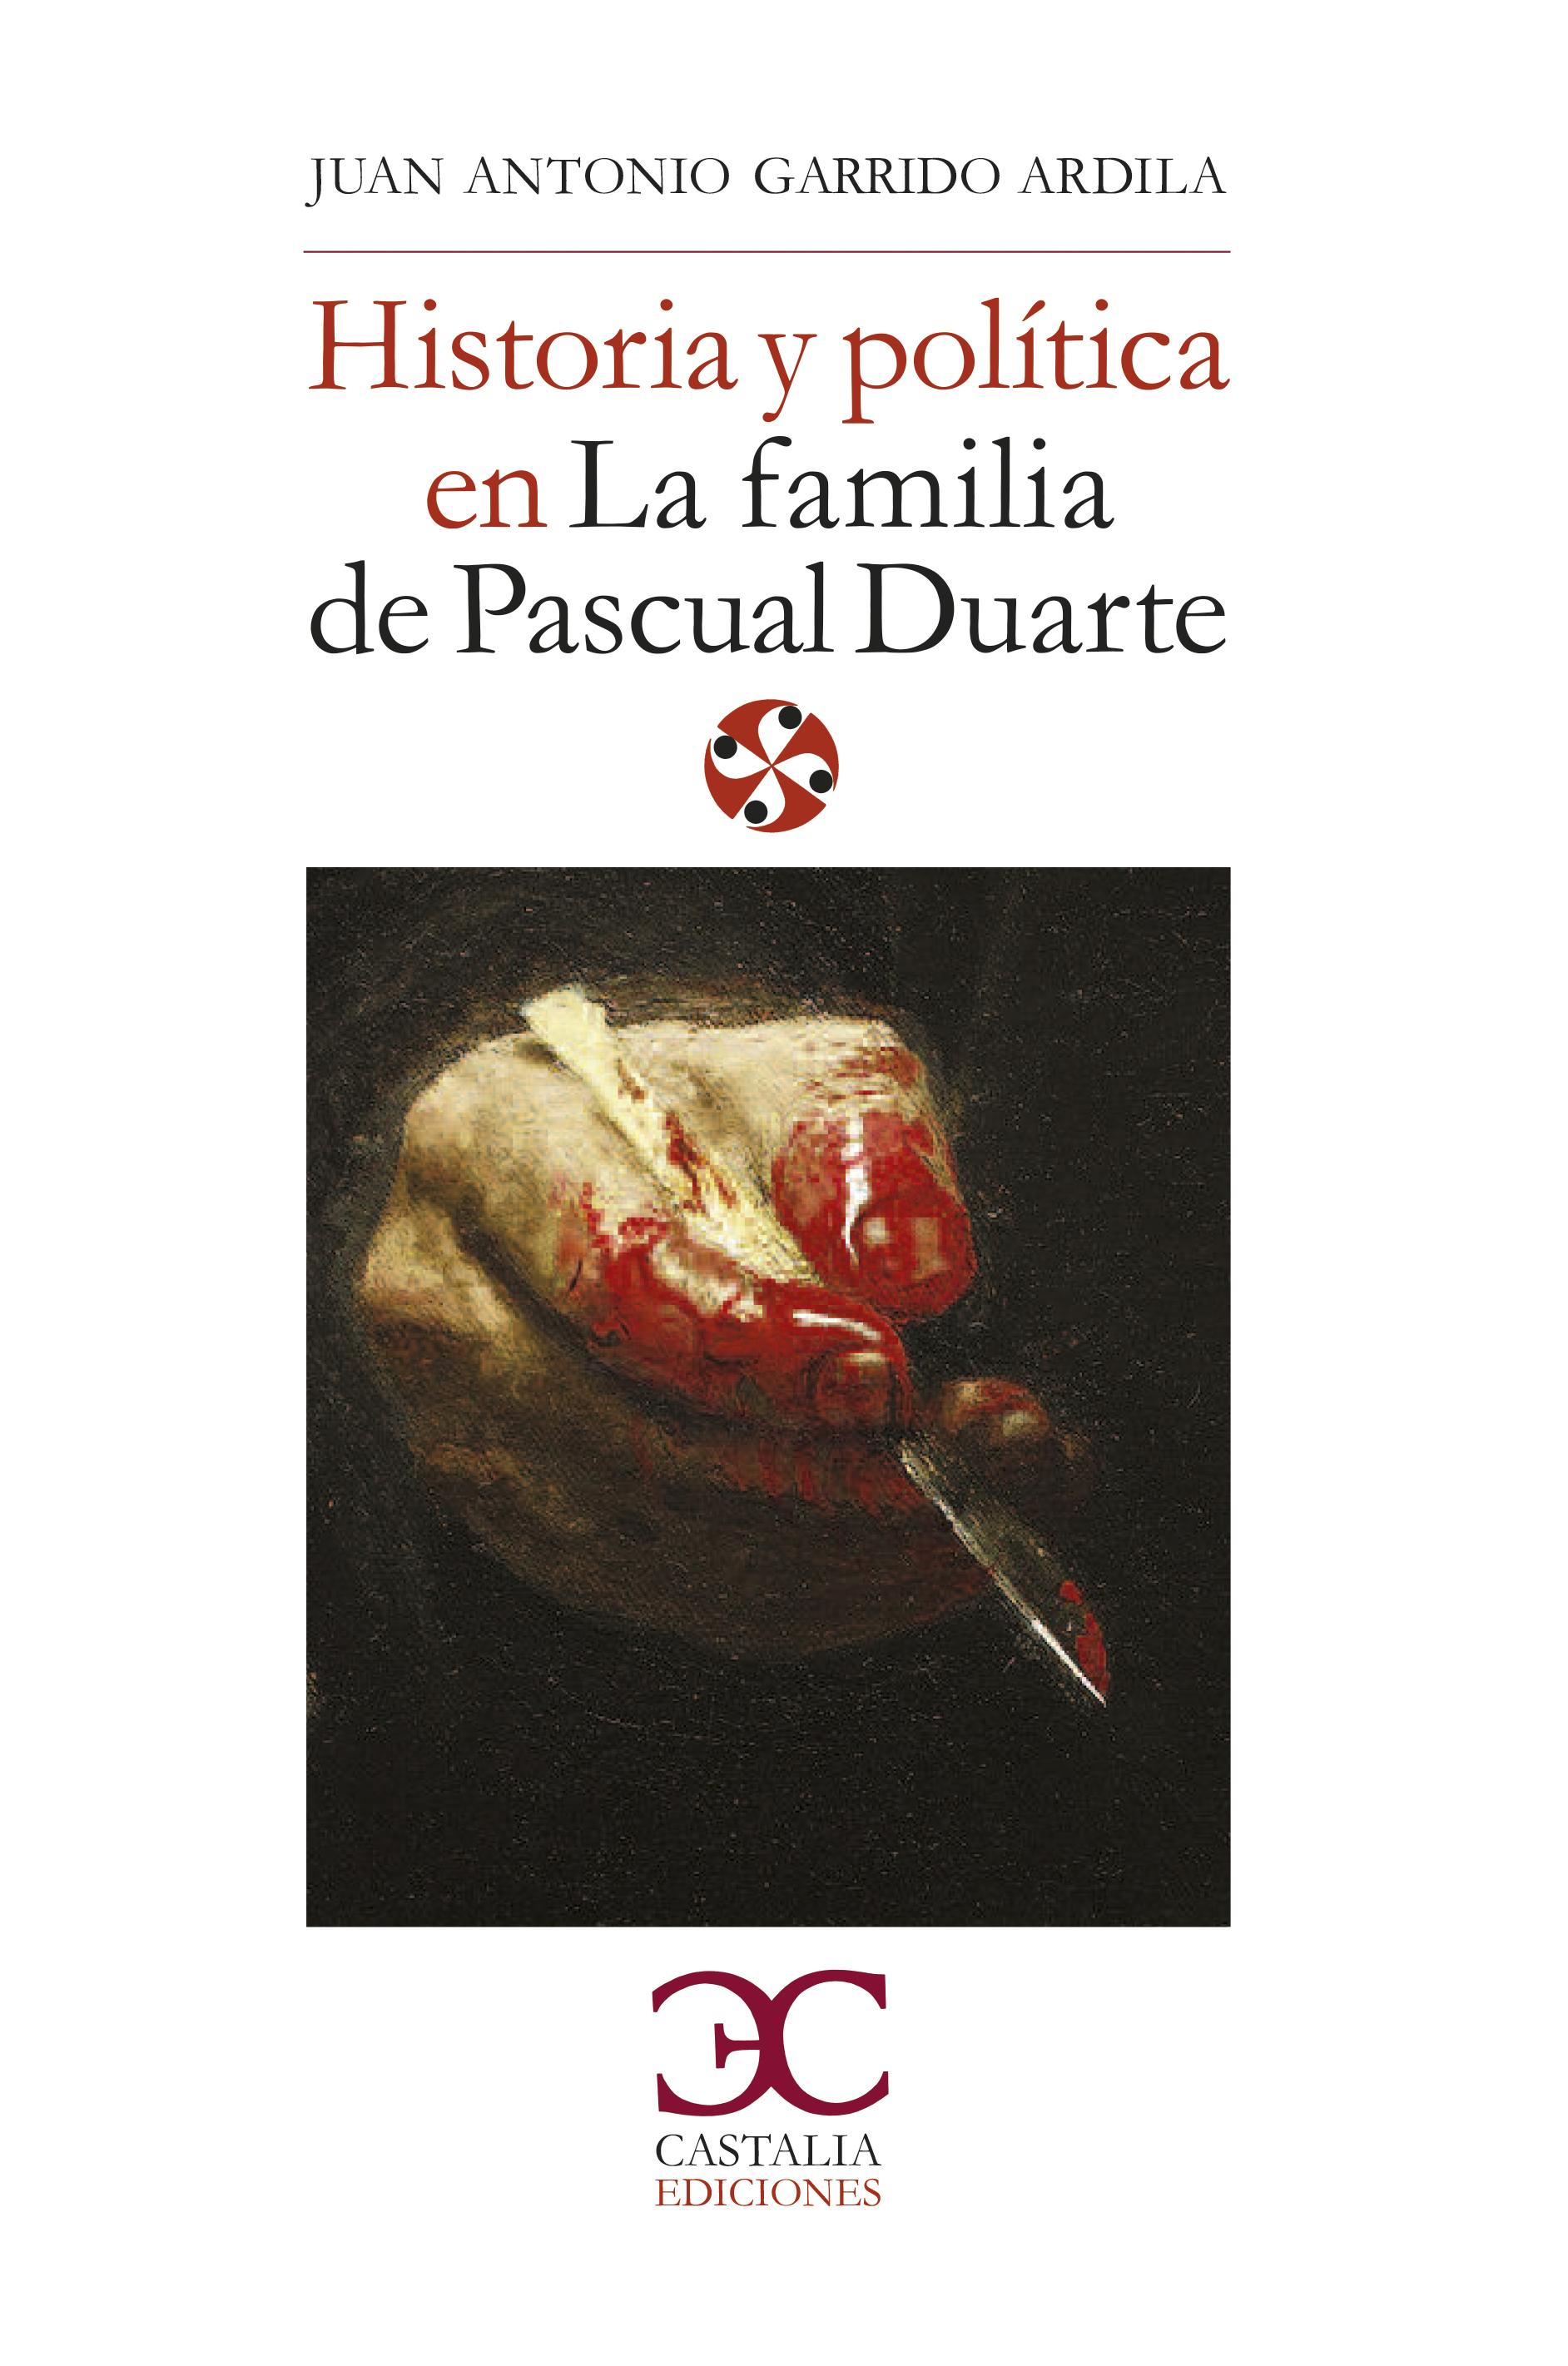 Historia y política en la familia de Pascual Duarte